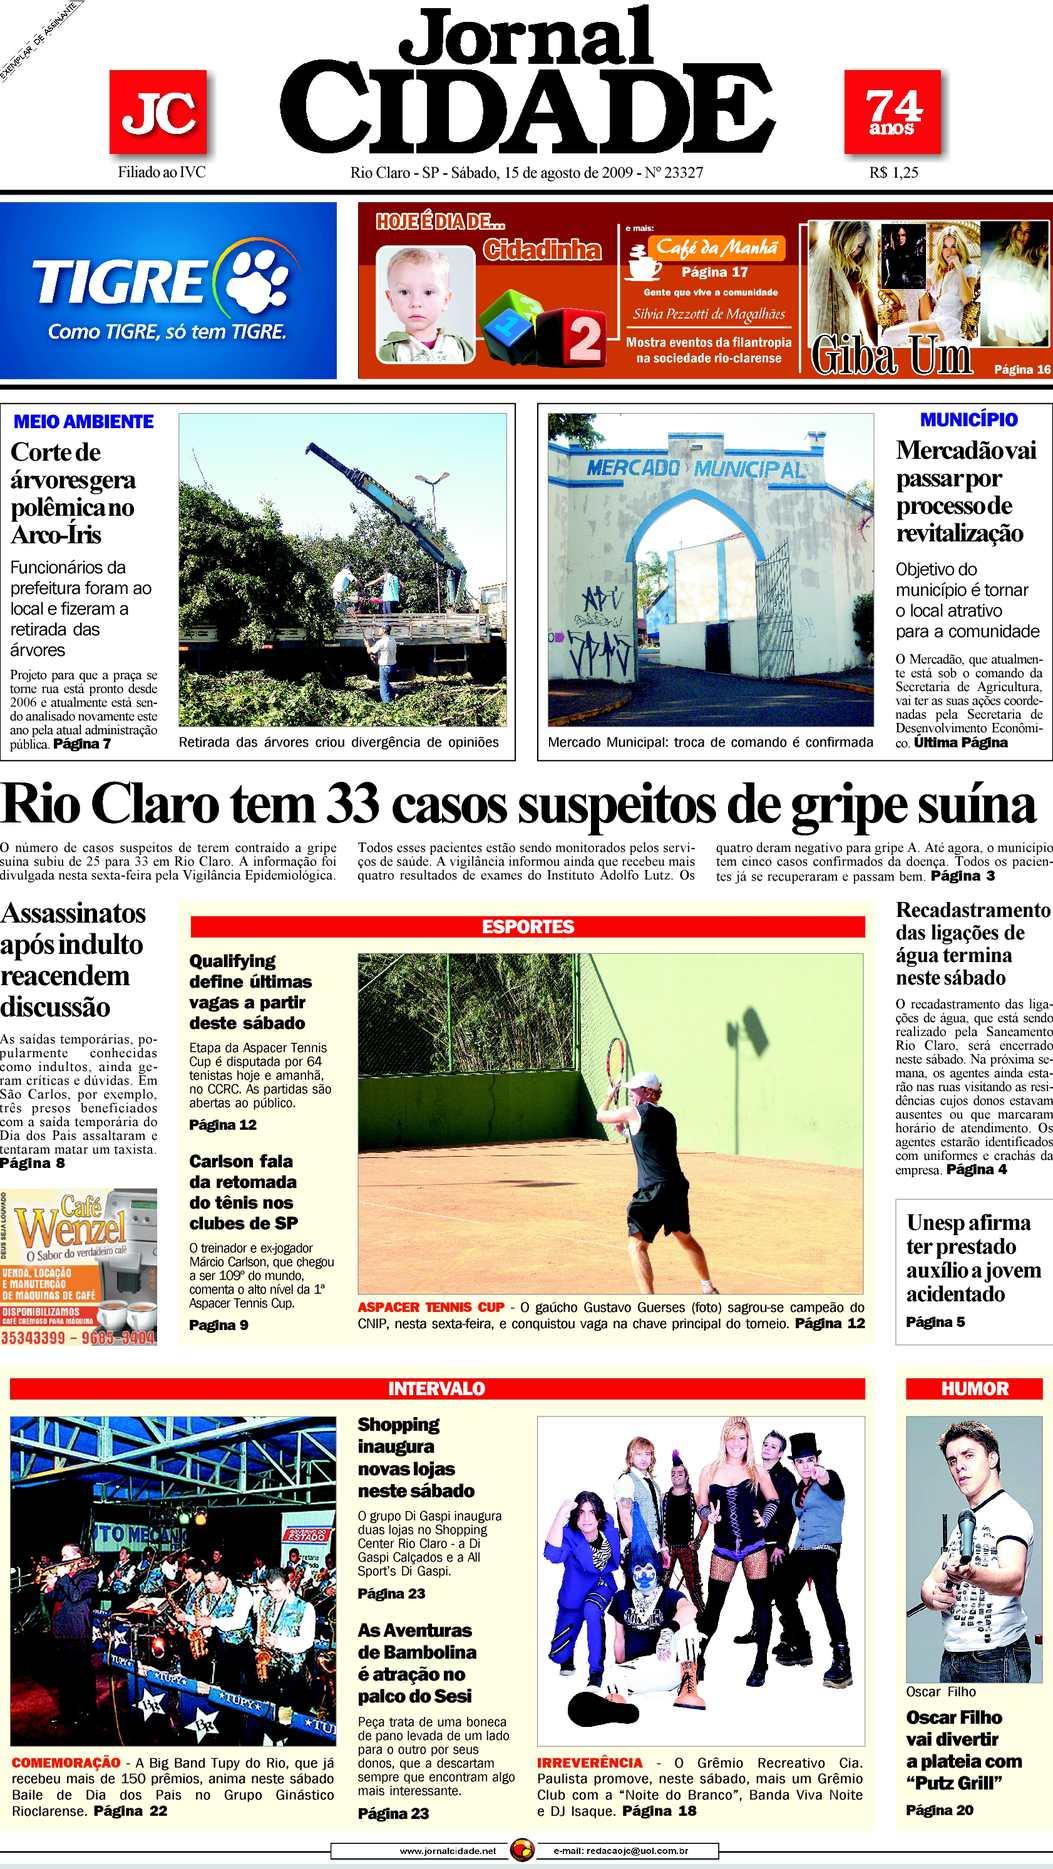 f99f43844a Calaméo - Jornal Cidade de Rio Claro - 15 08 2009